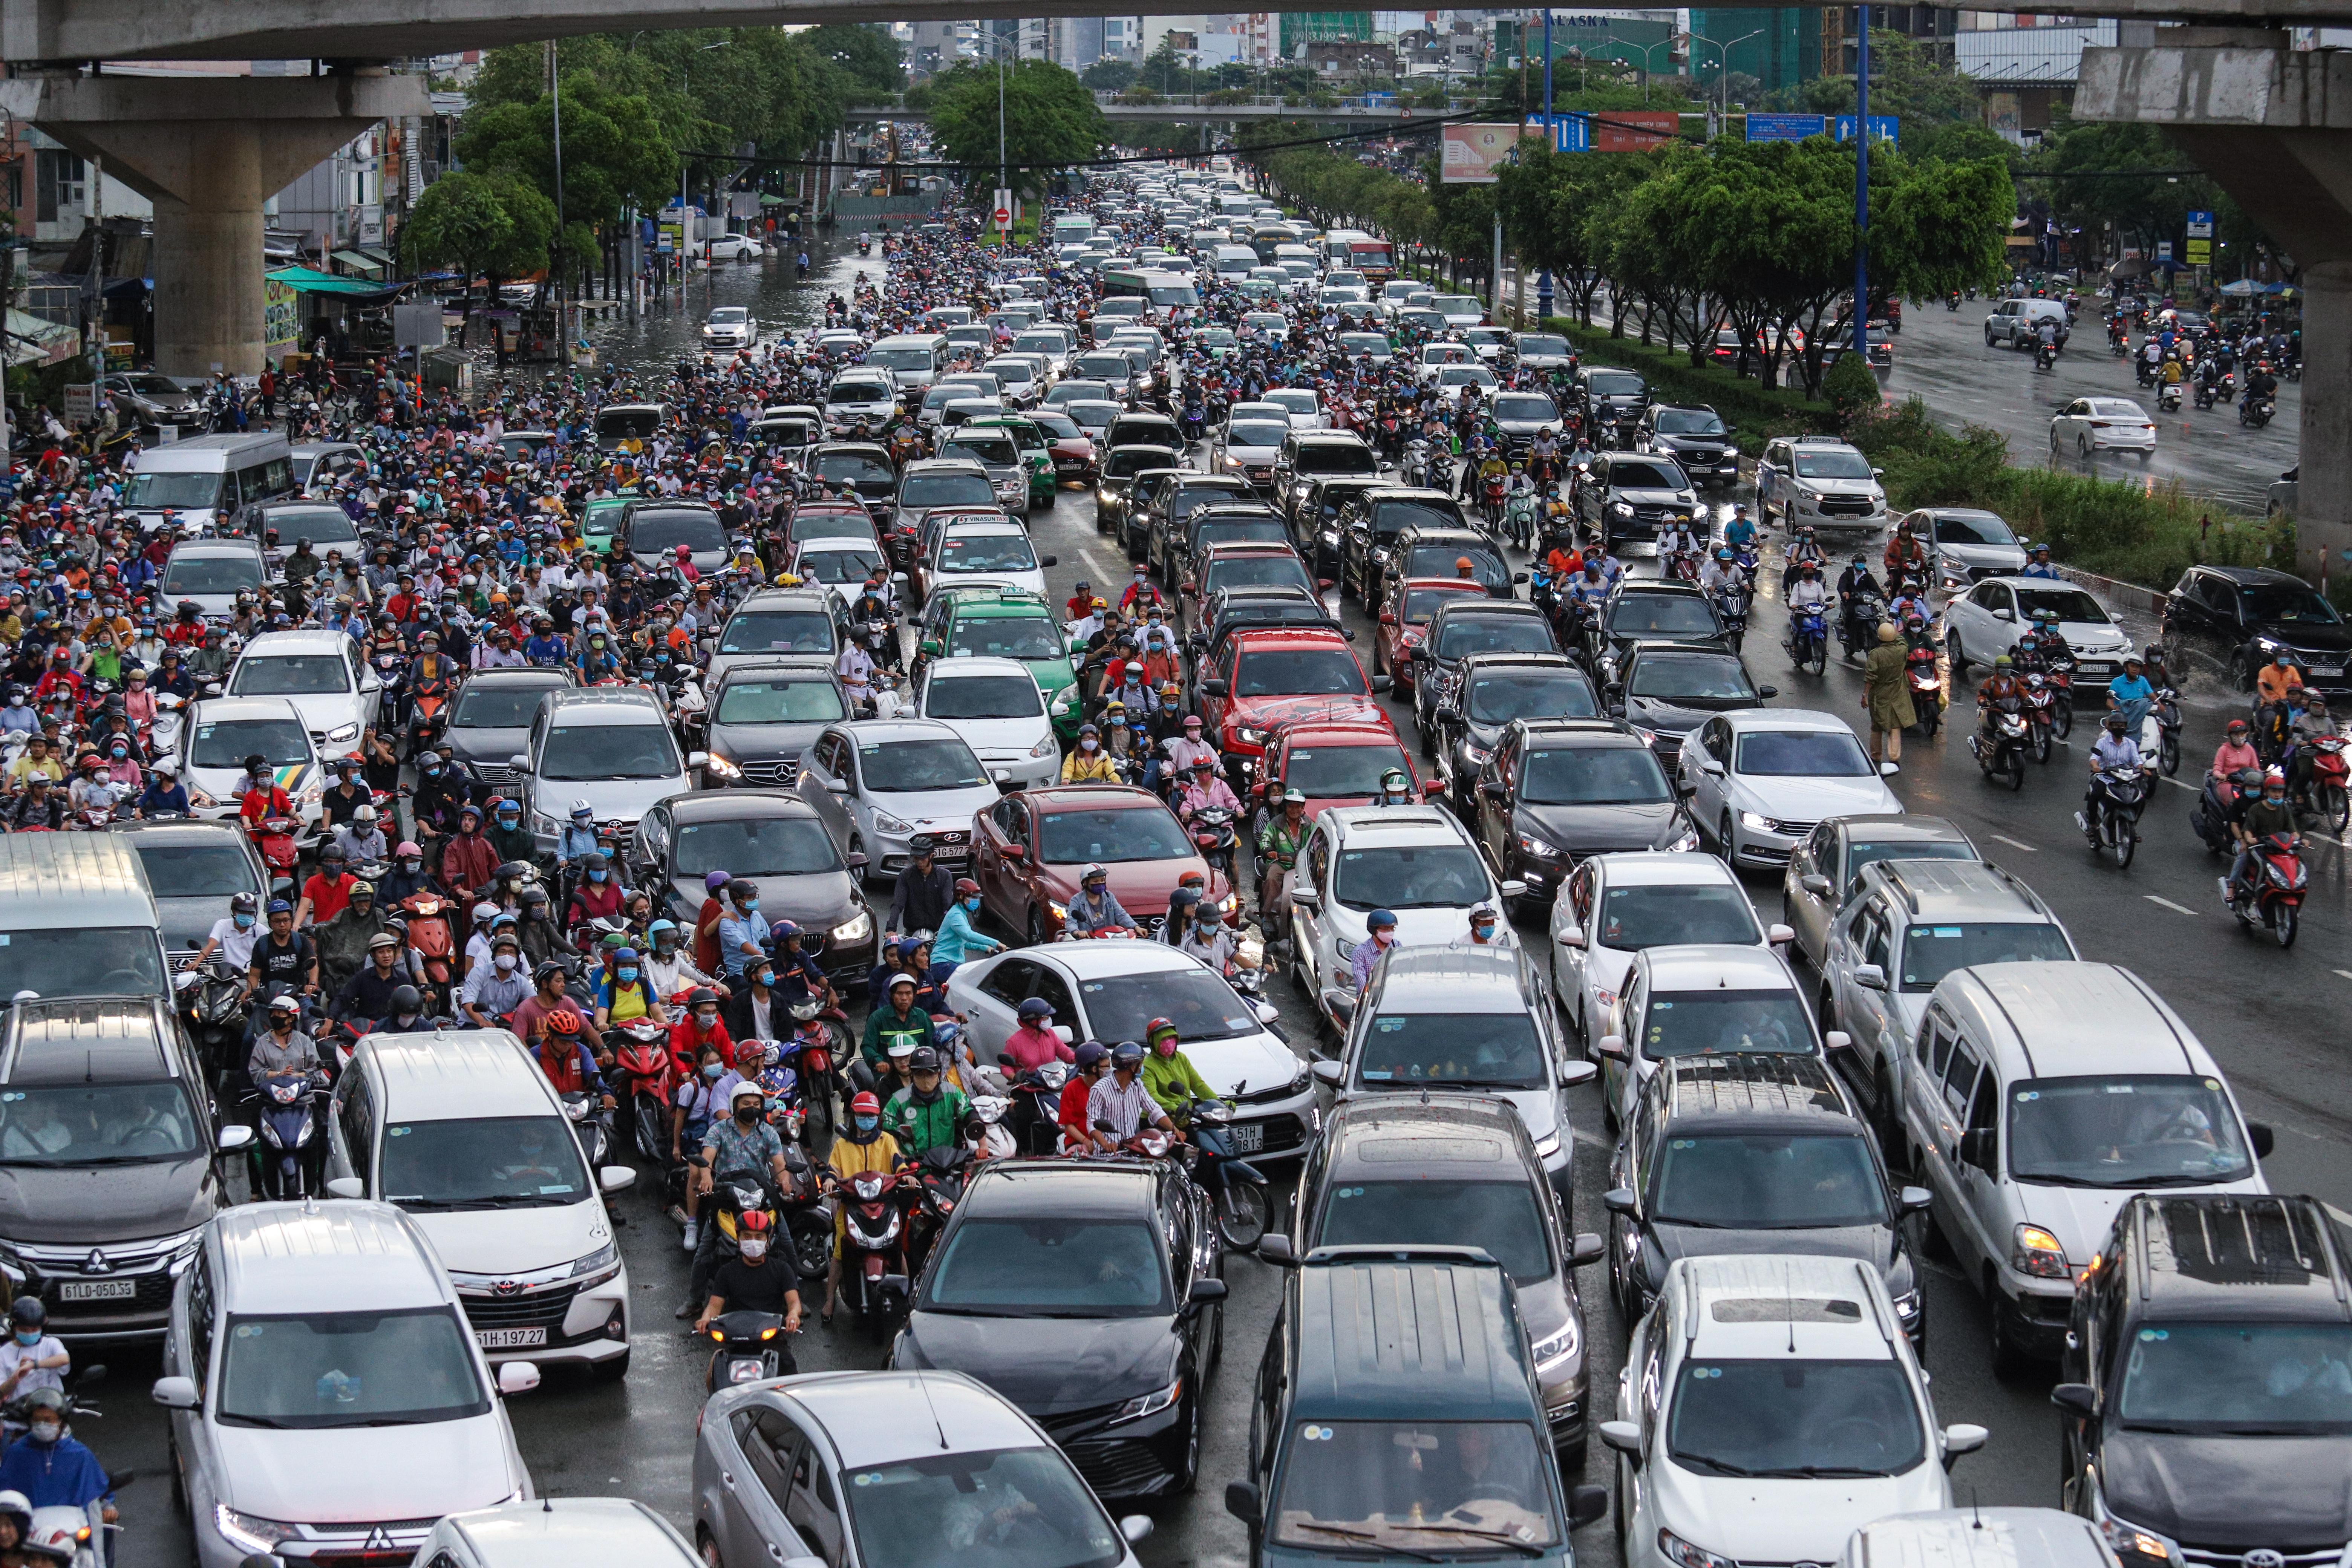 Mưa trắng trời khiến rốn ngập Sài Gòn mênh mông nước, người dân hì hục đẩy xe trên đường - Ảnh 16.